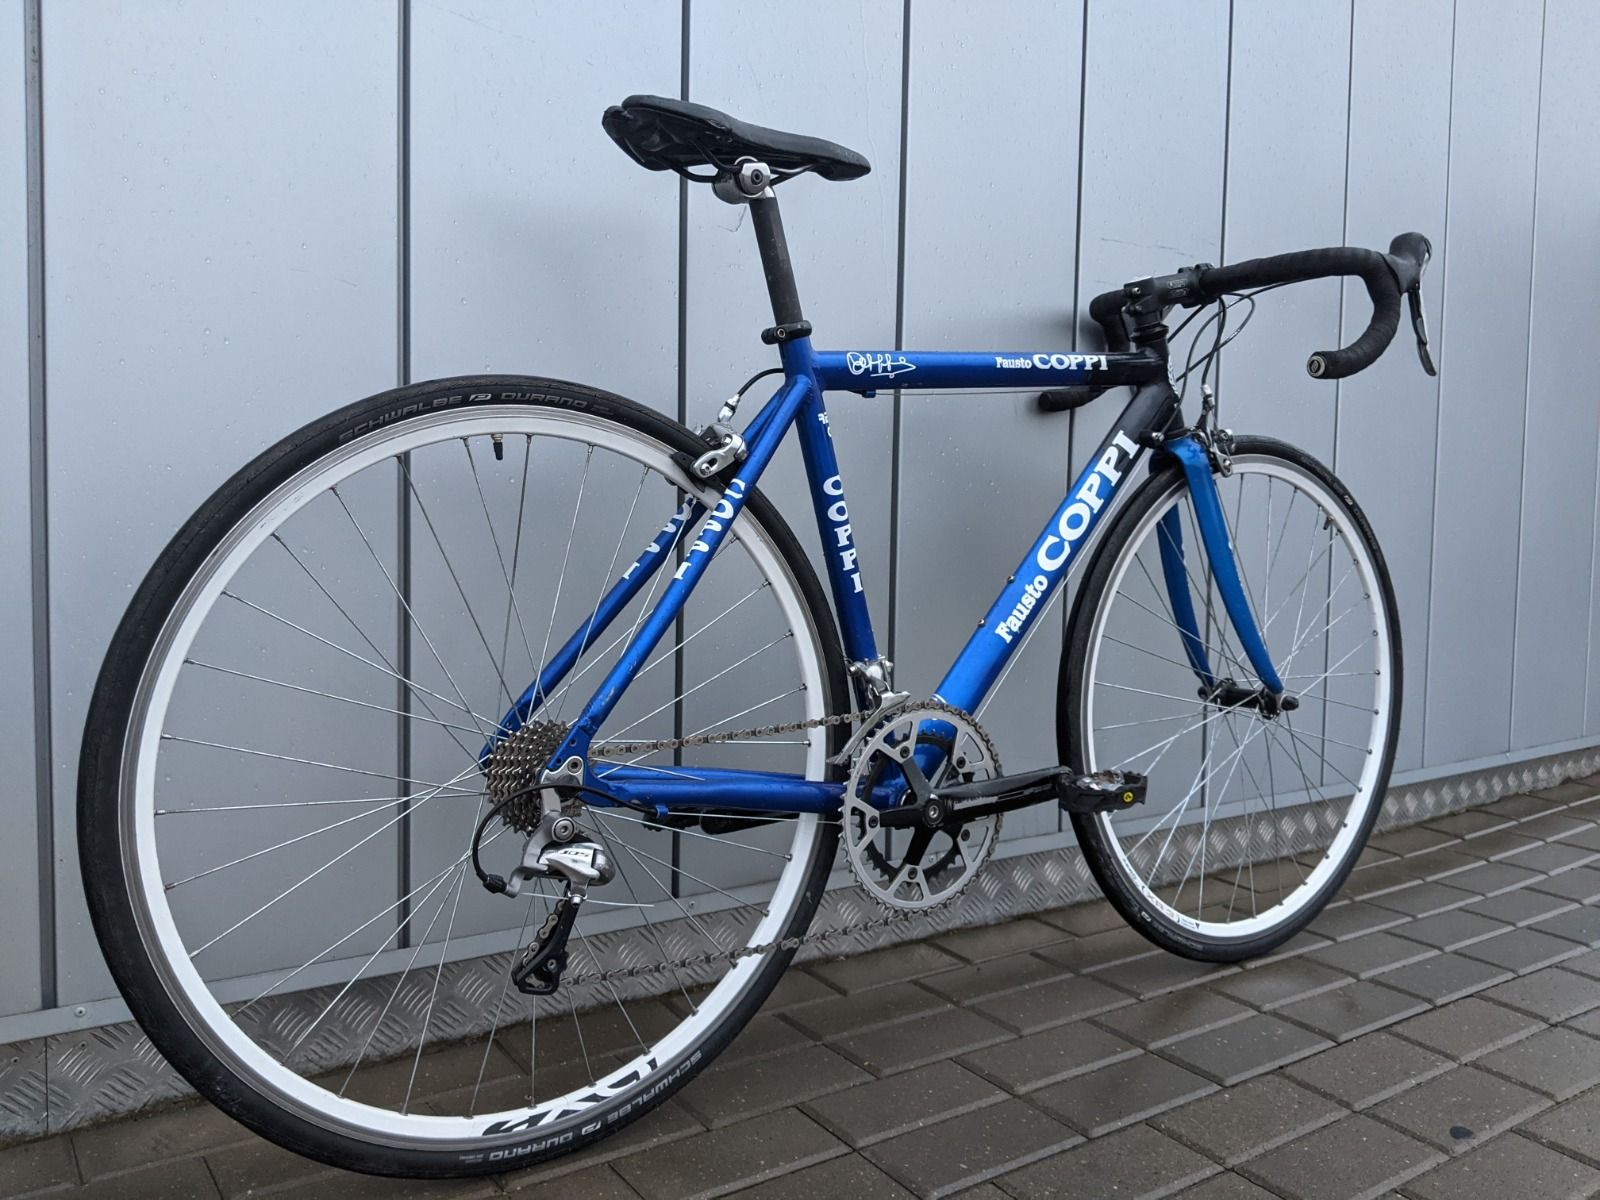 Шоссейный велосипед Fausto COPPI